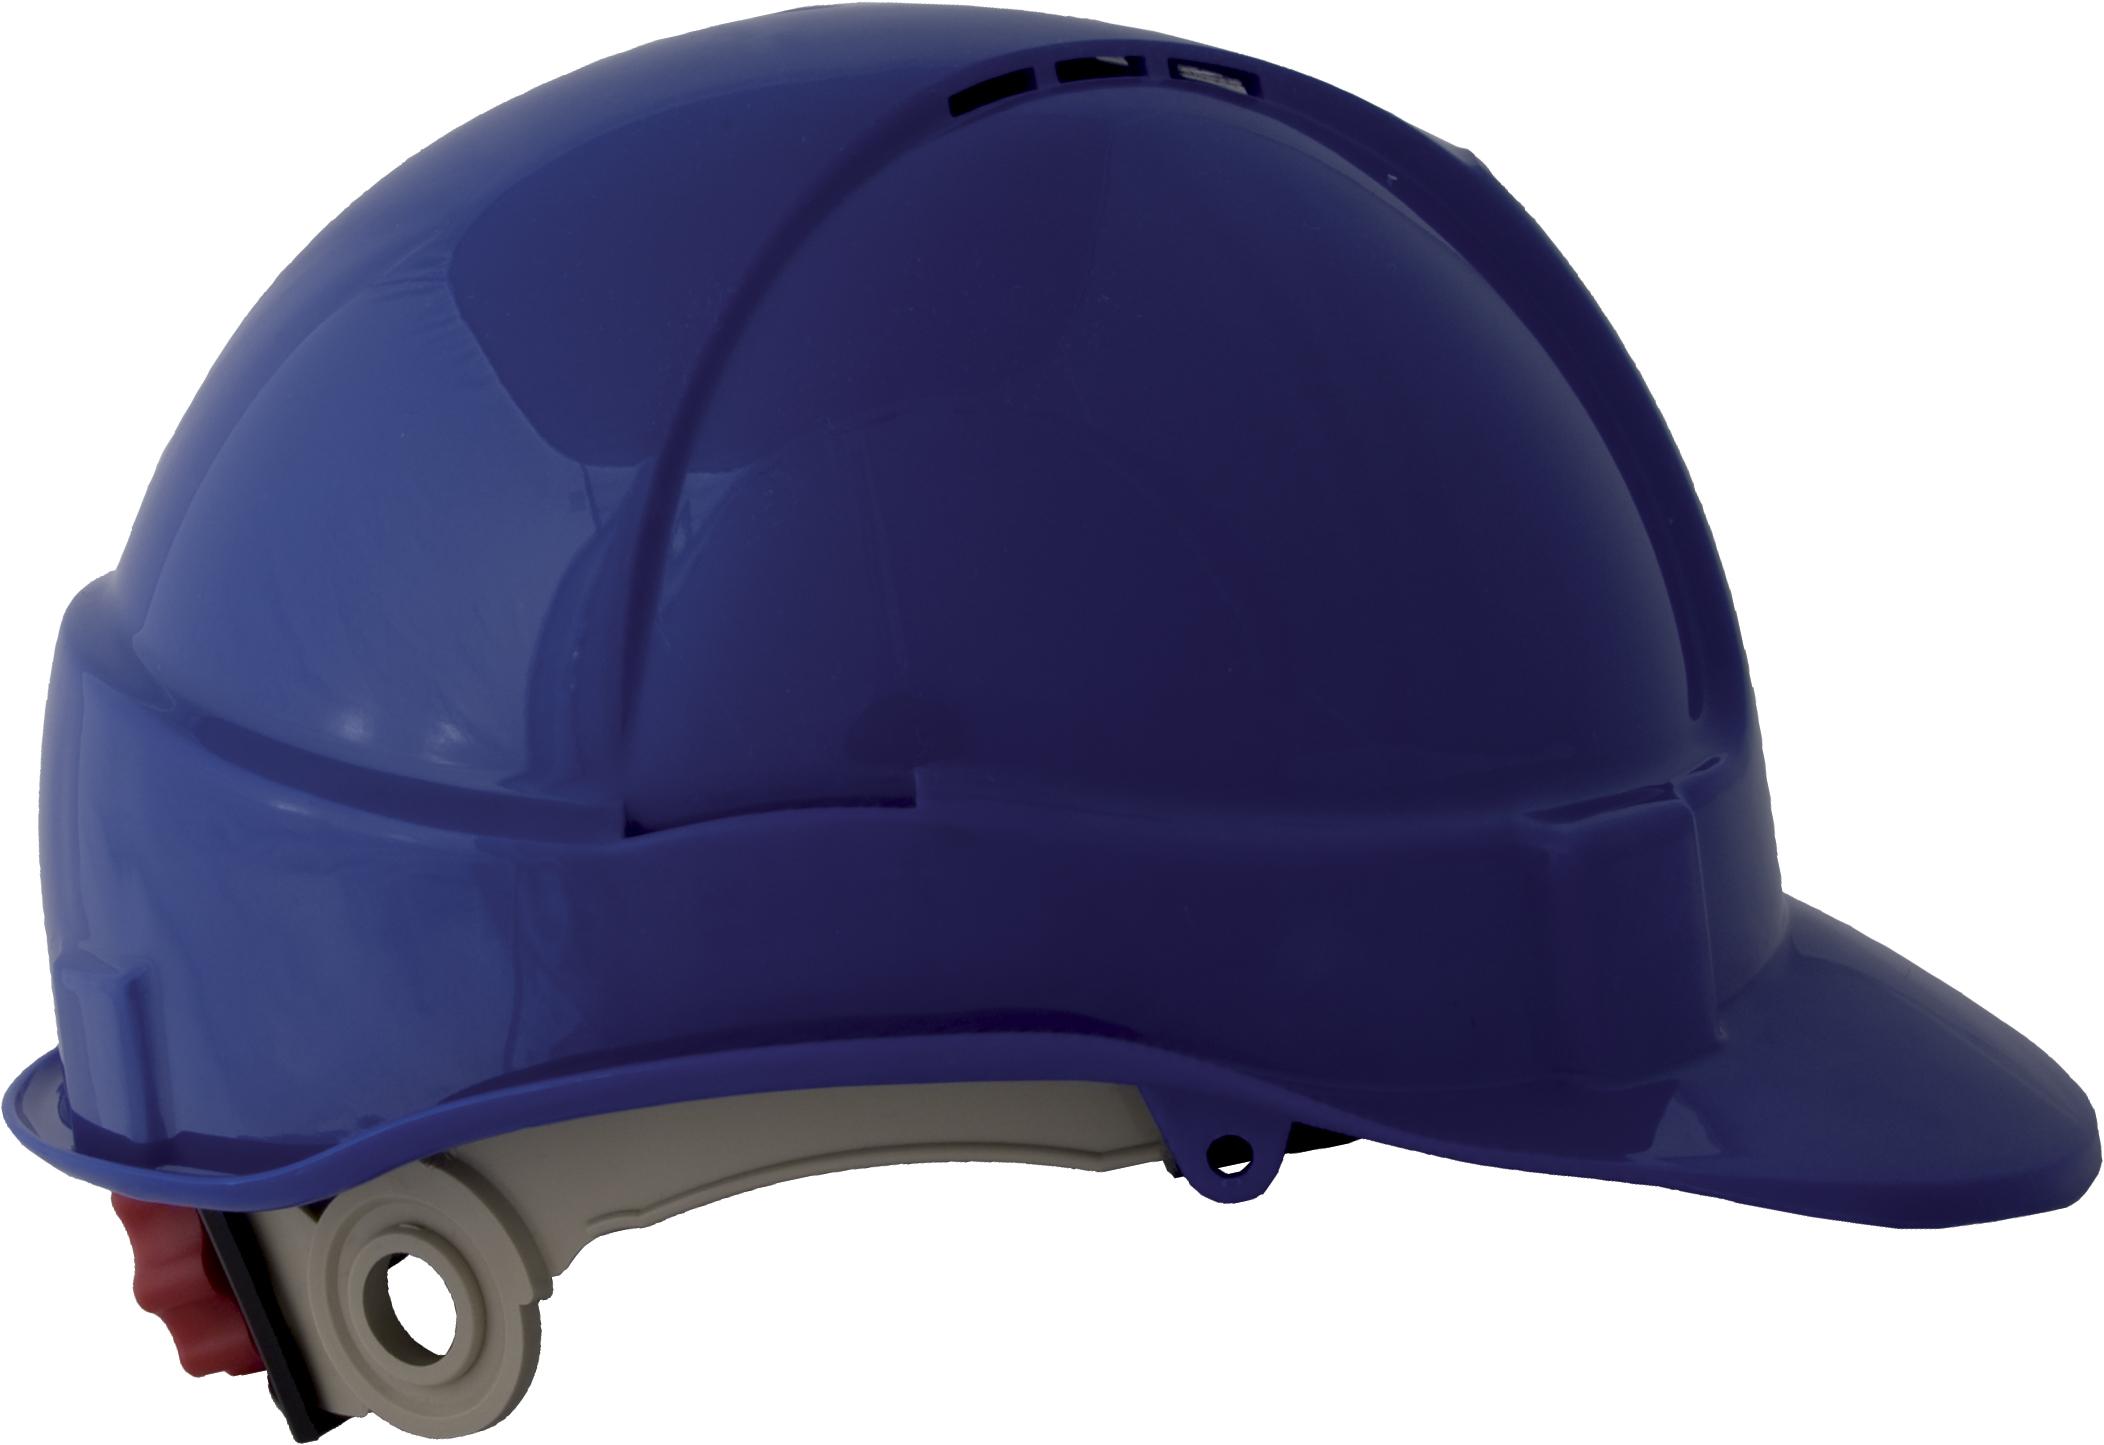 Kaciga SH-1 plave boje